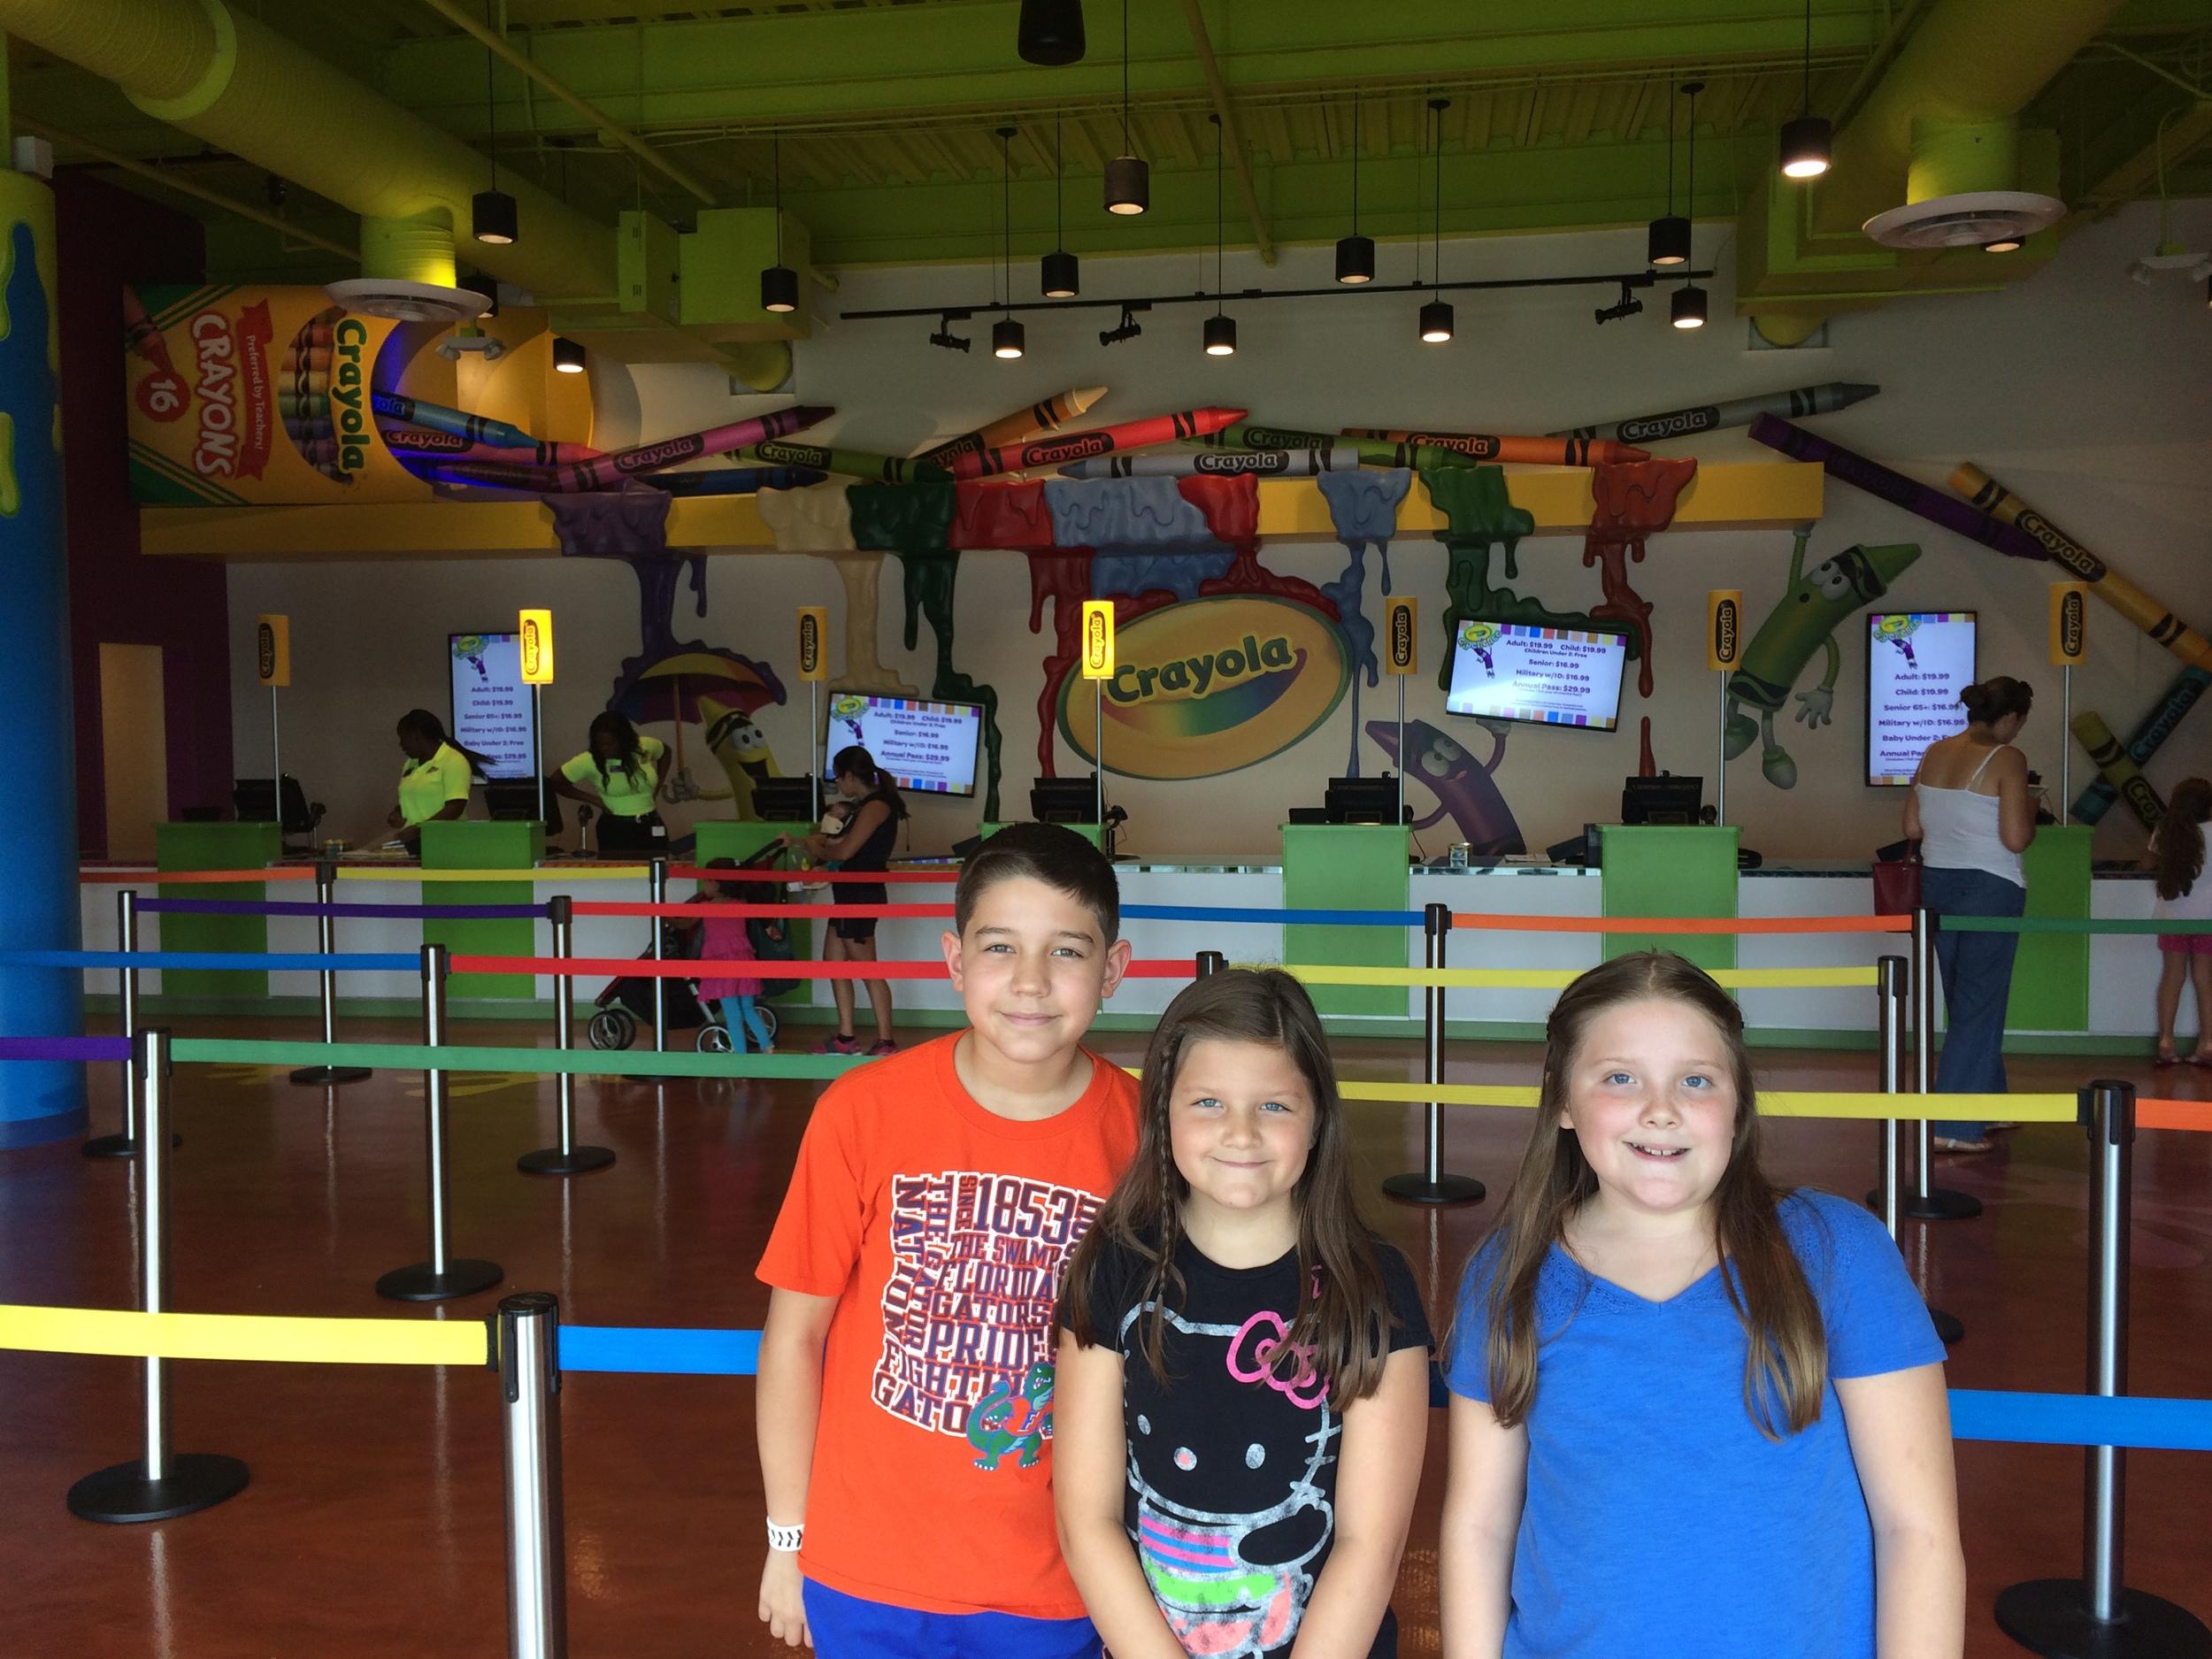 Crayola Experience Orlando, FL Entrance